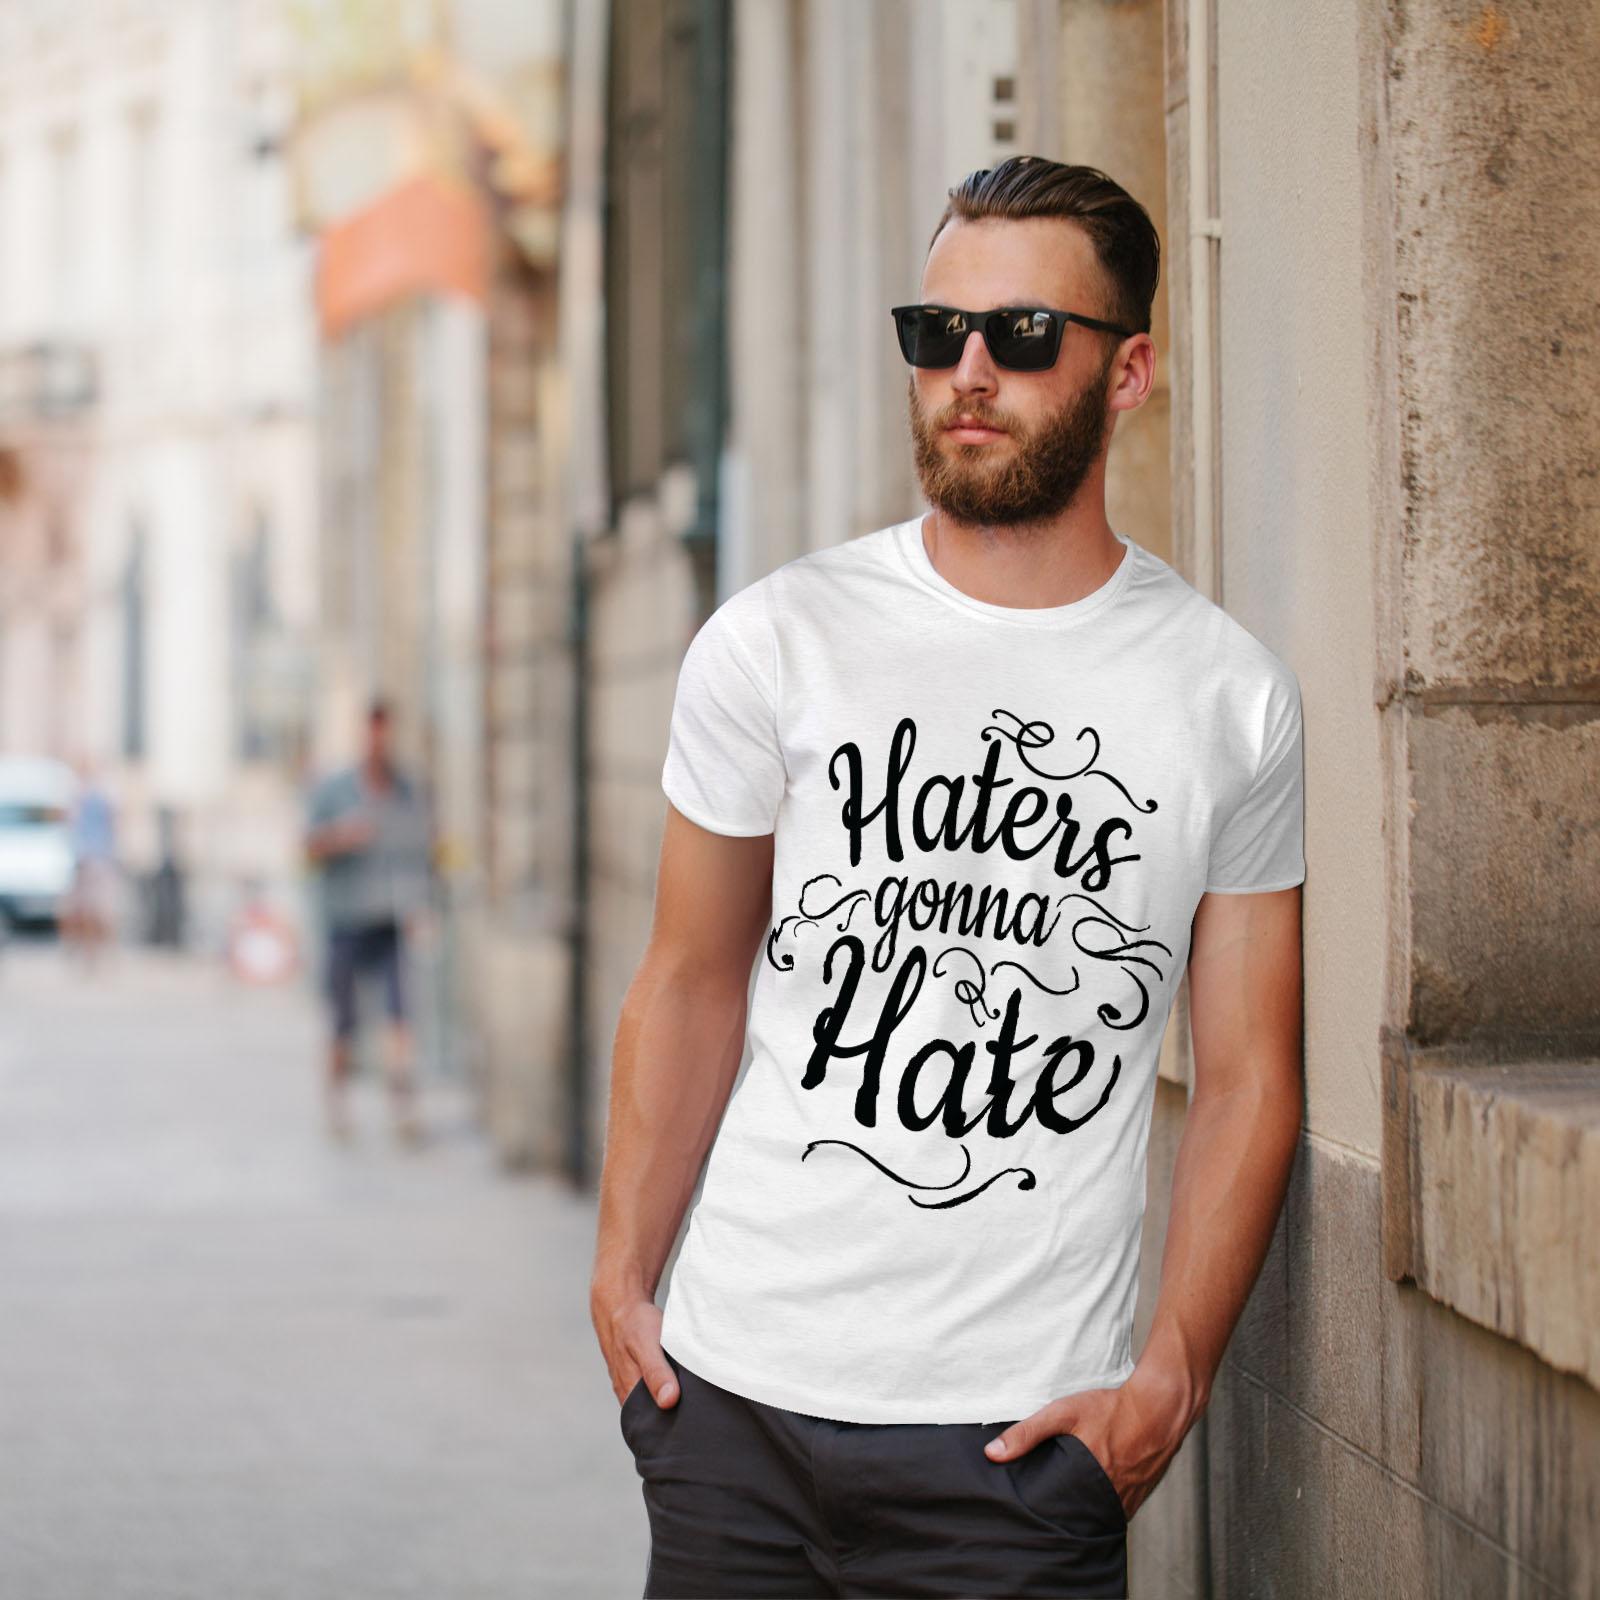 Wellcoda-Hasser-Gonna-Hate-Herren-T-Shirt-lustige-Grafikdesign-Printed-Tee Indexbild 11